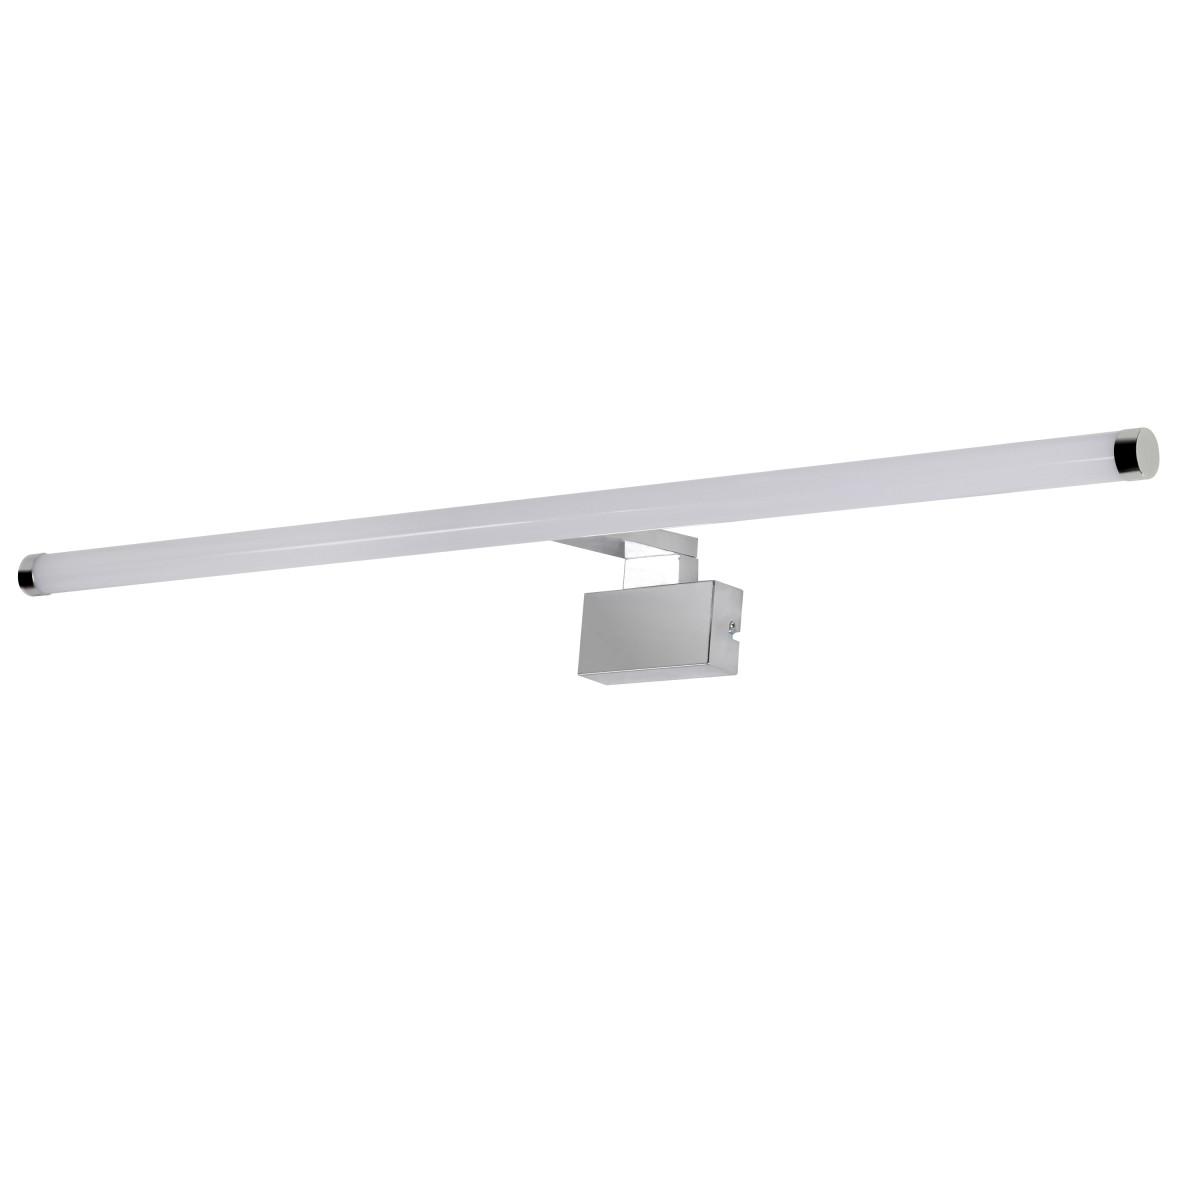 Светильник настенный светодиодный влагозащищенный Solar 80 см белый свет цвет хром